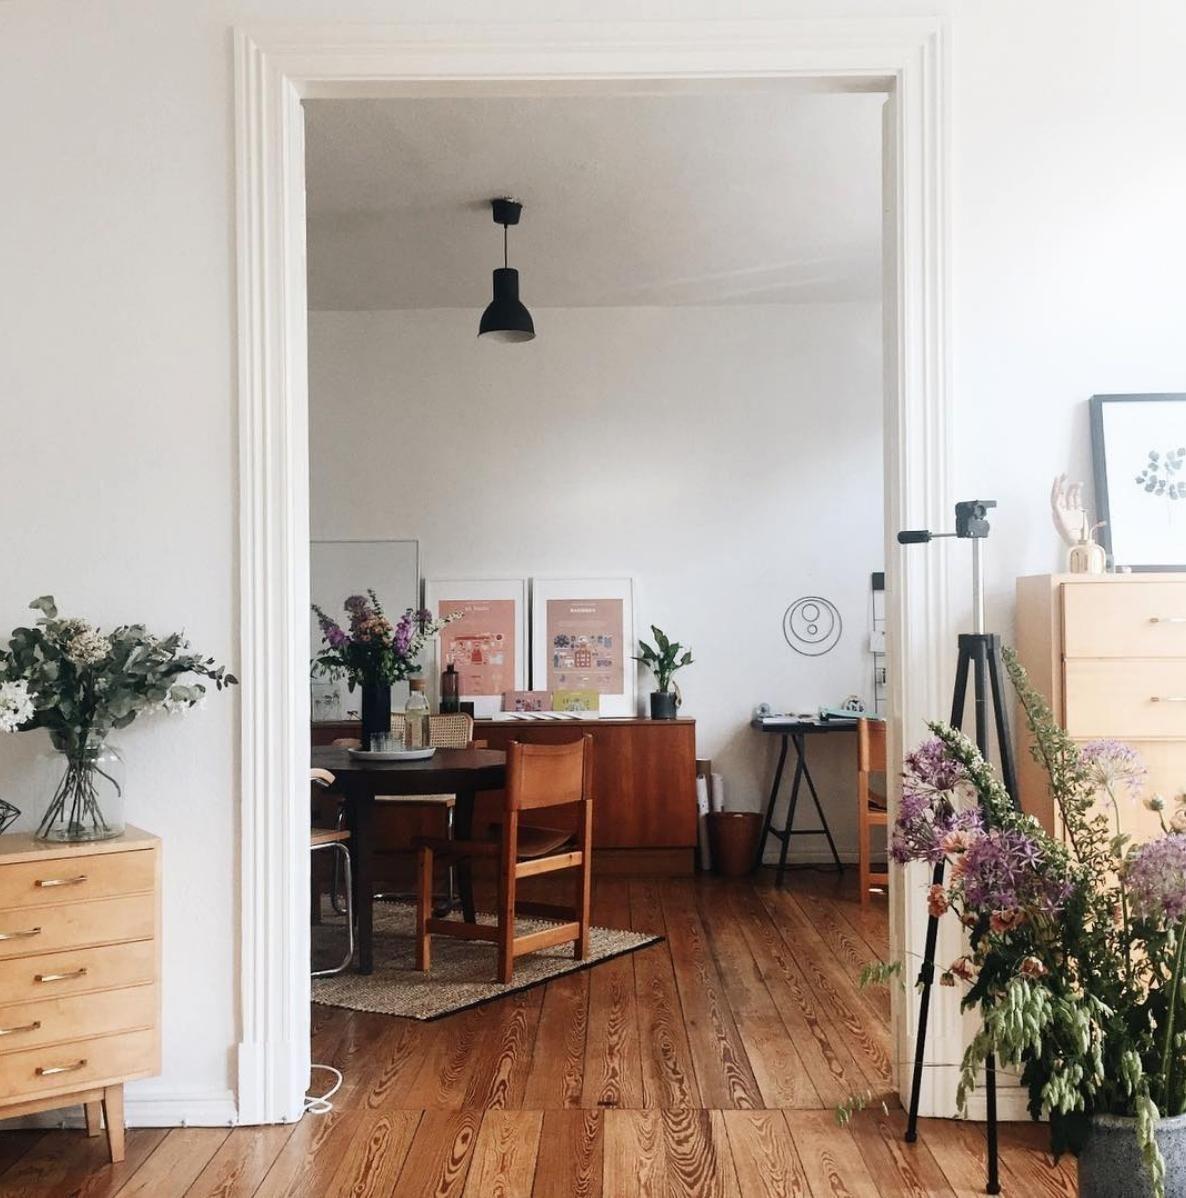 Gemutliches Ambiente Im Wohnzimmer Mit Vielen Blumenstraussen Finden Wir Bei Nina Ninosy Im Esszimmer Entdecke Noch Mehr Wohnideen Au Wohnen Wohnung Gemutlich